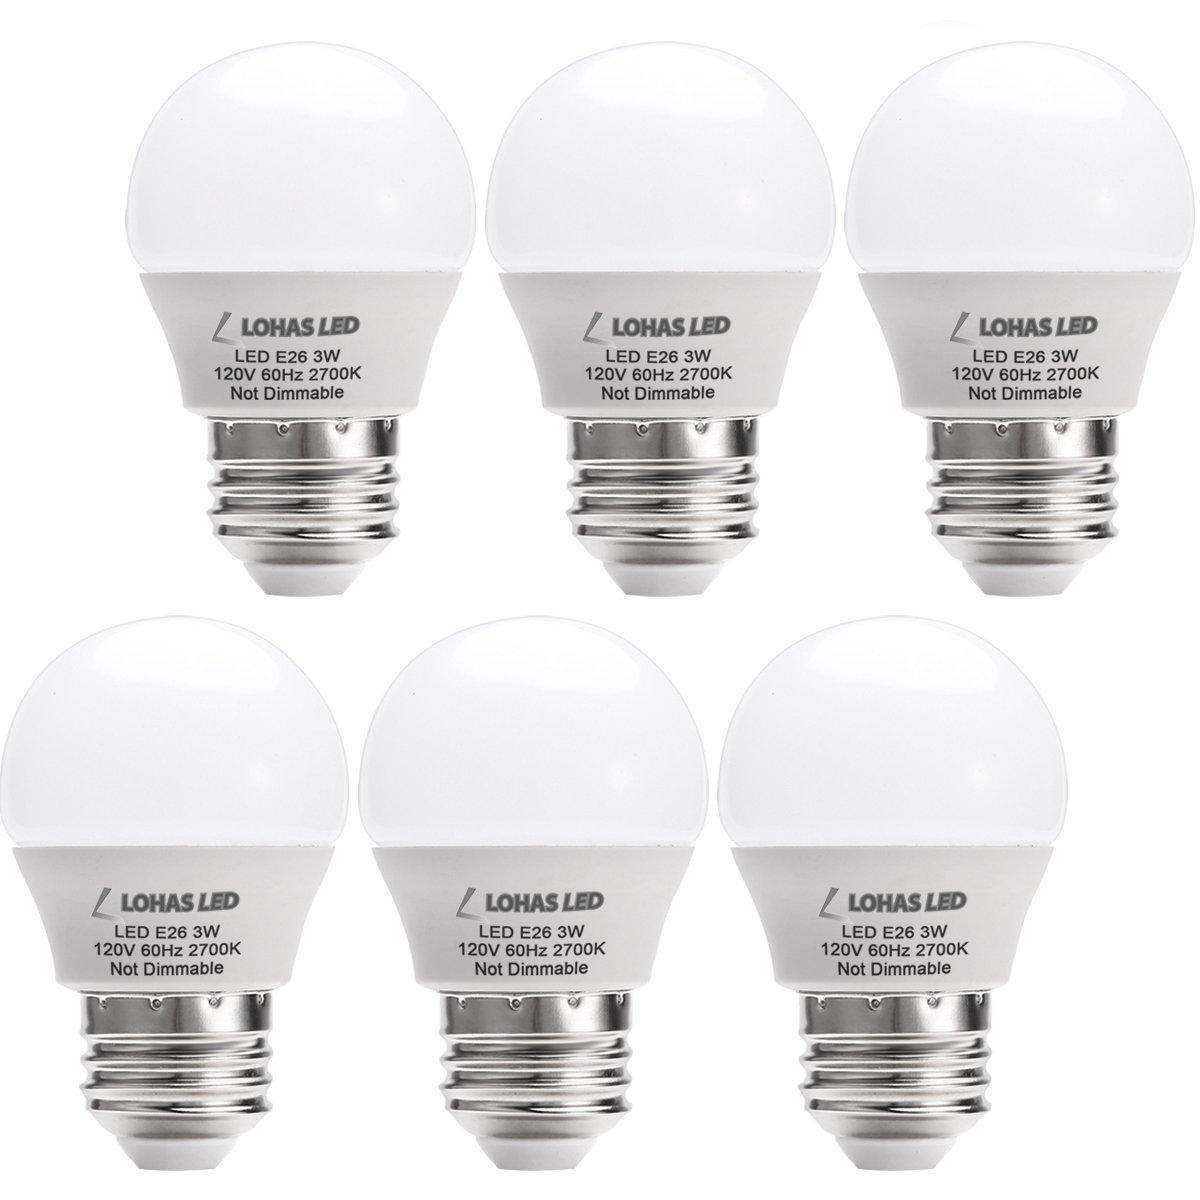 LOHAS LED 3W(25 Watt Equivalent) Light Bulbs, Warm White 2700K LED Energy Saving Light Bulbs, E26 Medium Screw Base LED Lights for Home(6 Pack)